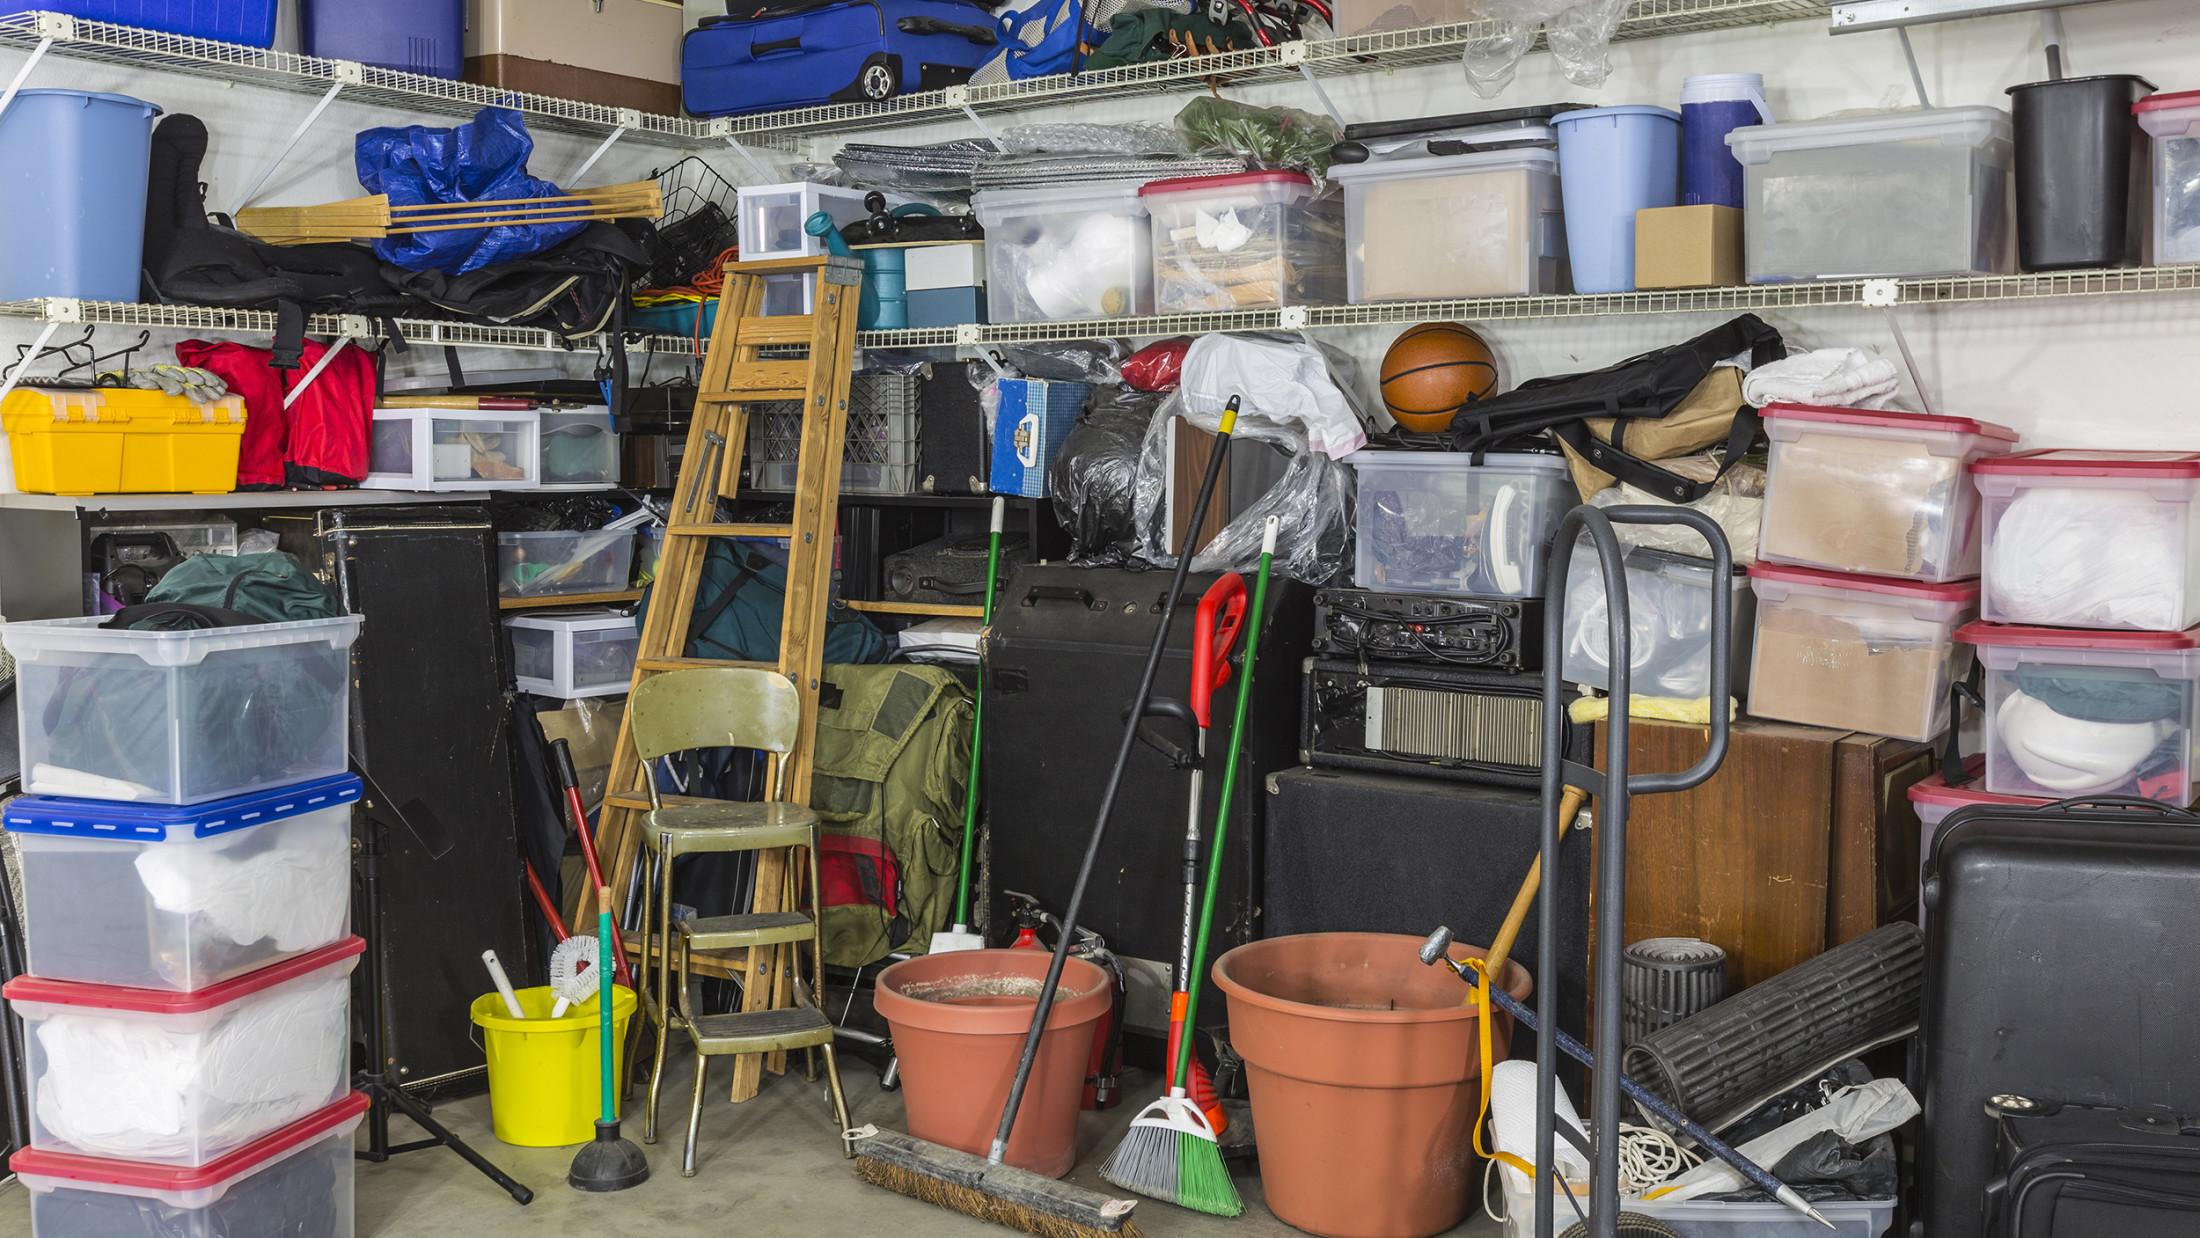 Contoh garasi yang berantakan (Sumber: today.com)